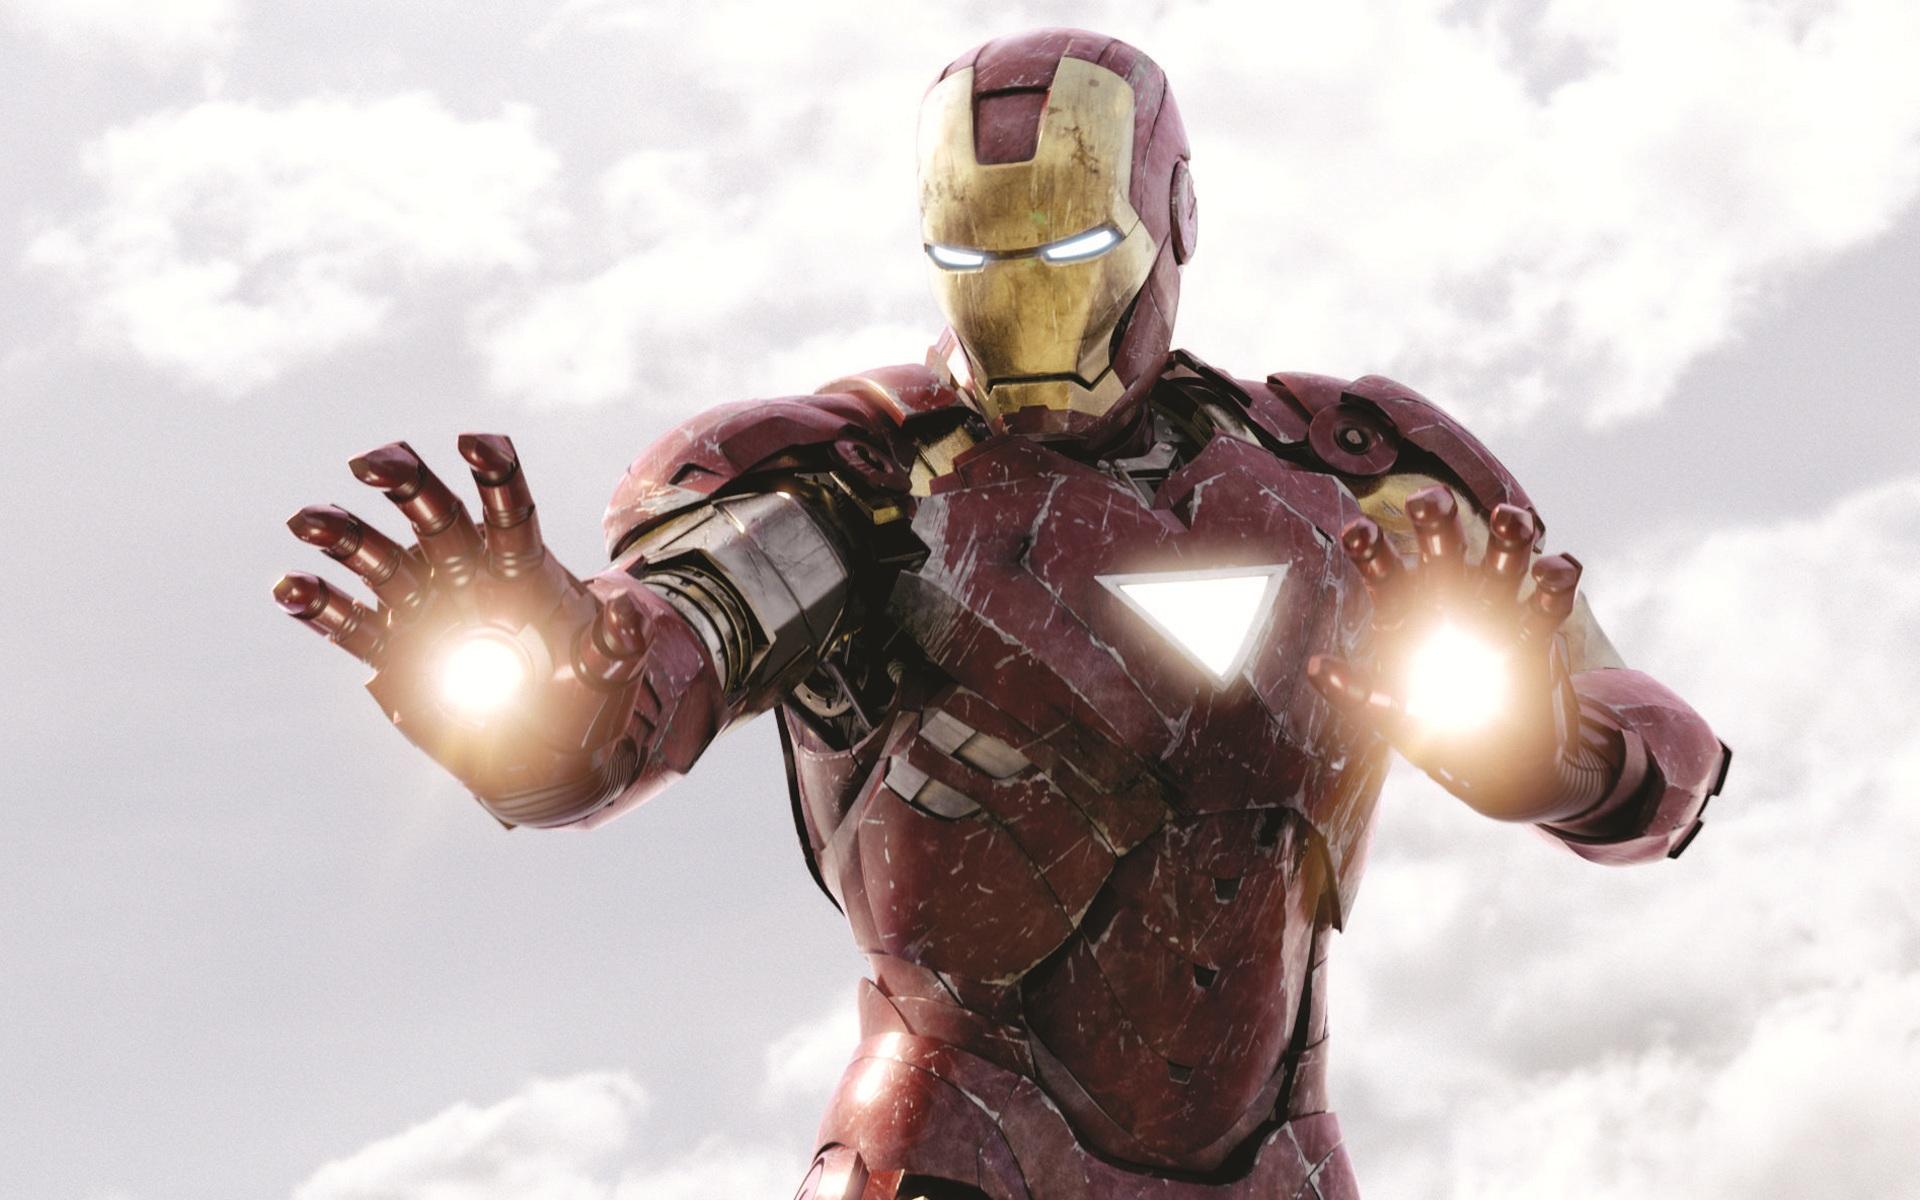 壁紙 アイアンマンは アベンジャーズと戦っている 19x10 Hd 無料のデスクトップの背景 画像